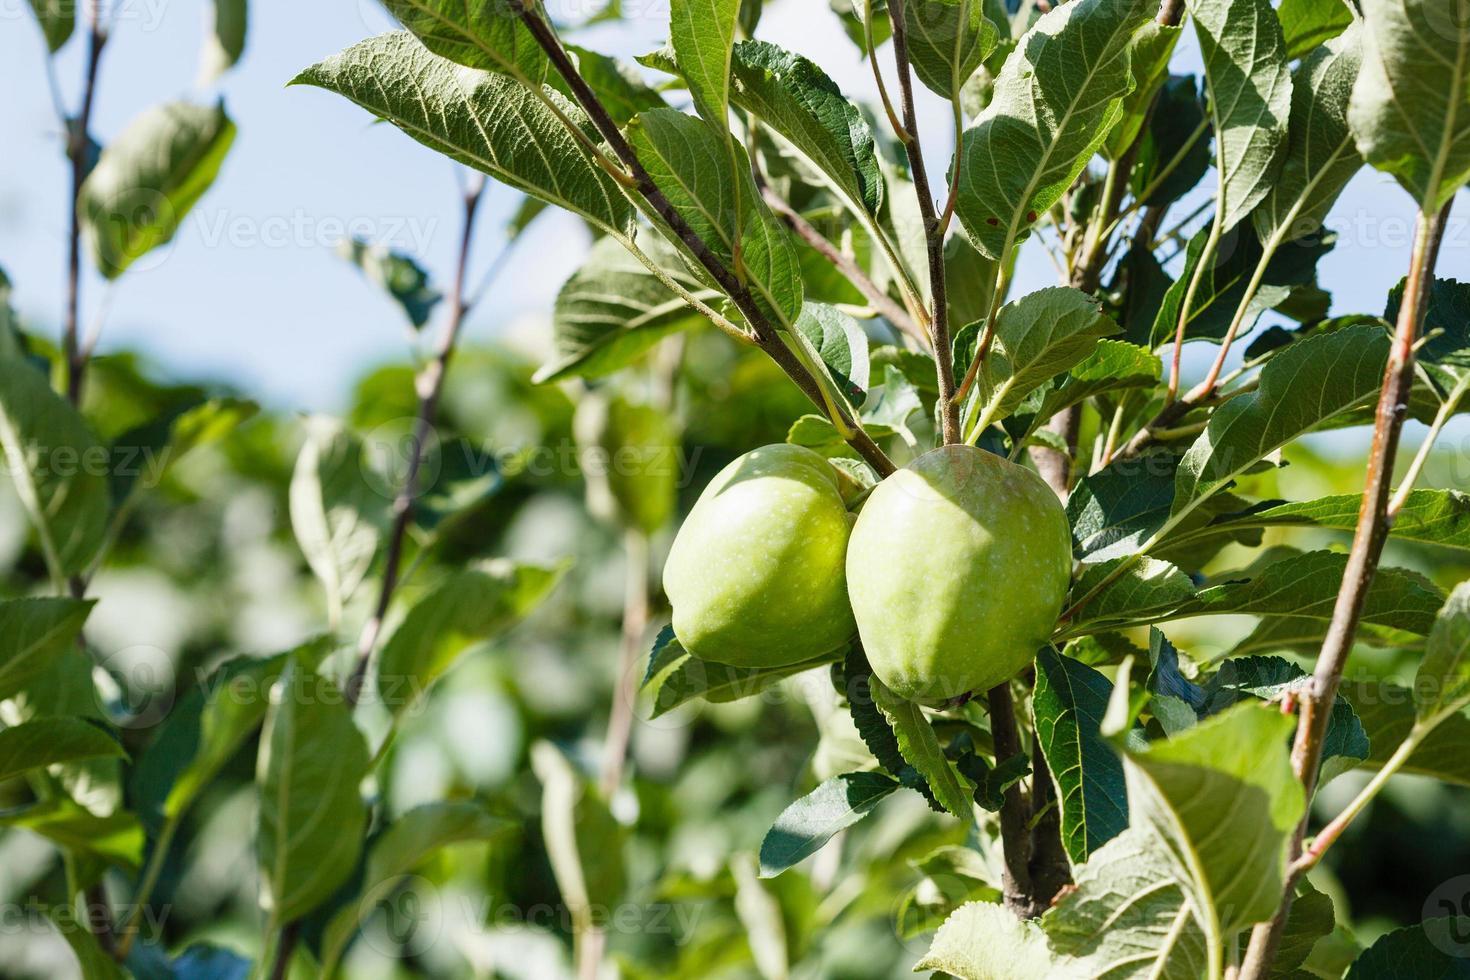 pommes vertes sur une branche d & # 39; arbre photo